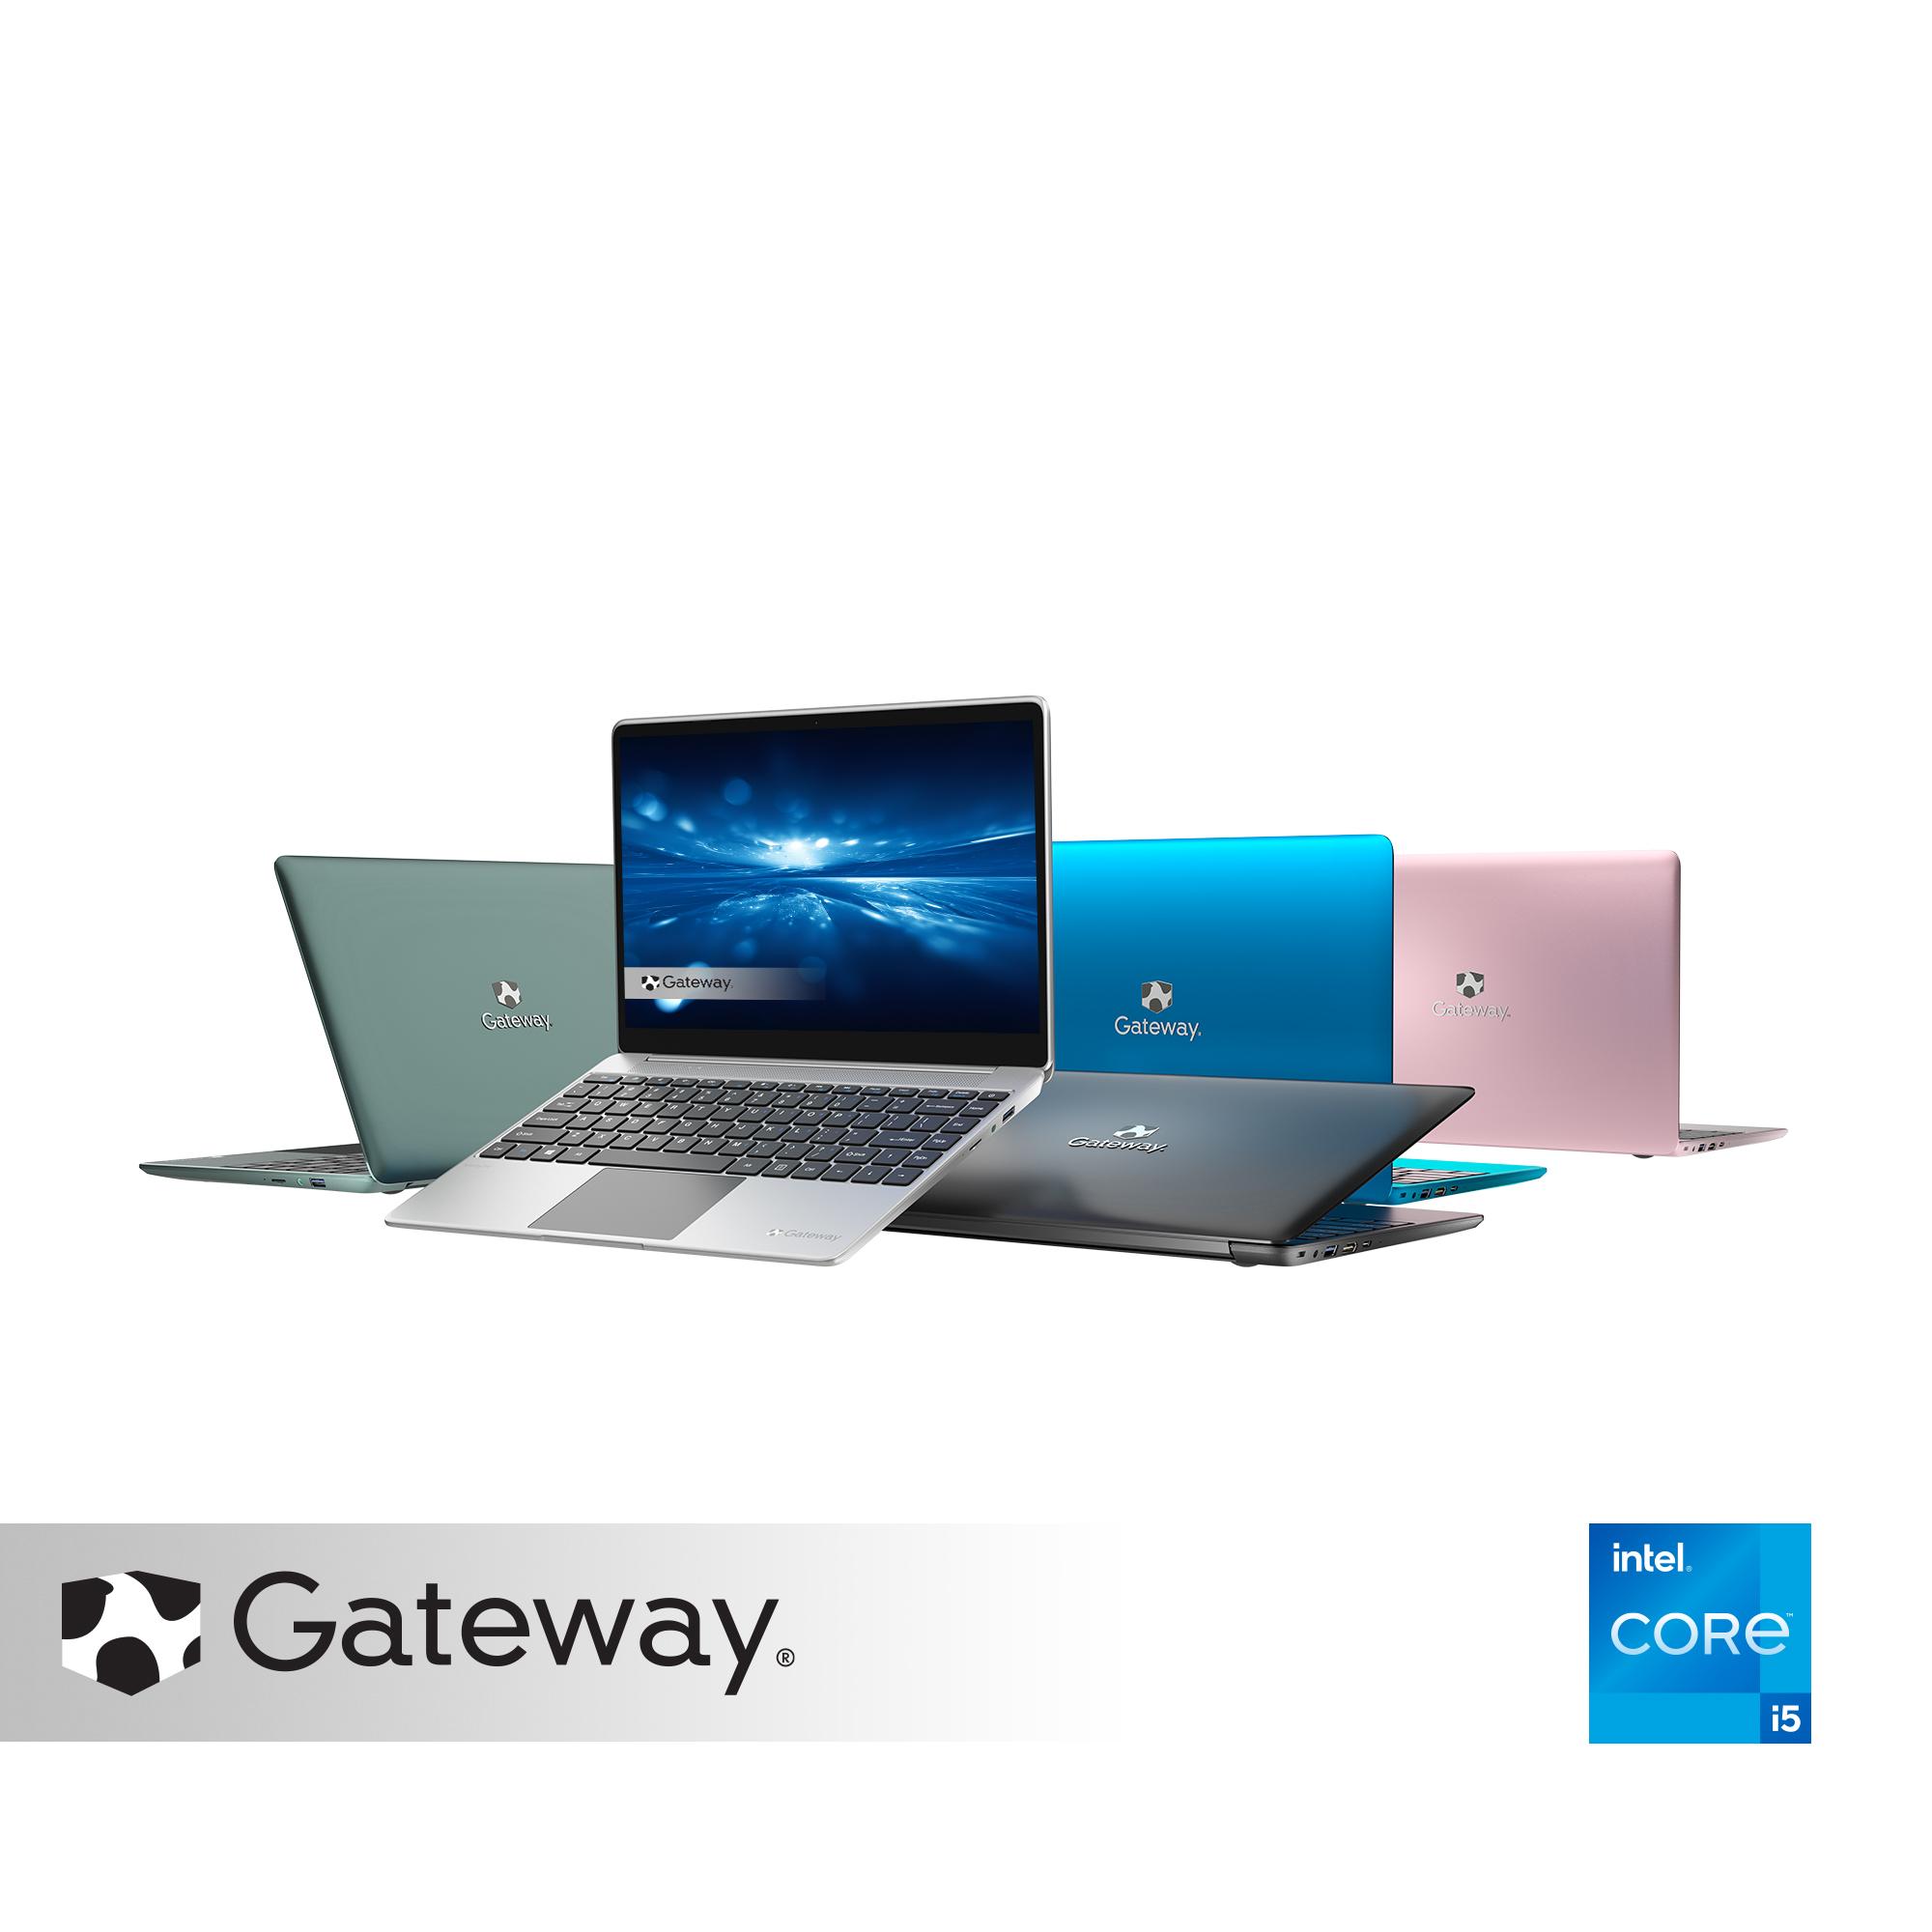 Gateway 14.1 Ultra Slim Notebook: 14.1'' FHD IPS, i5-1135G7, 16GB LPDDR4, 512GB PCIe SSD, Win10H @ $499 + F/S at Walmart